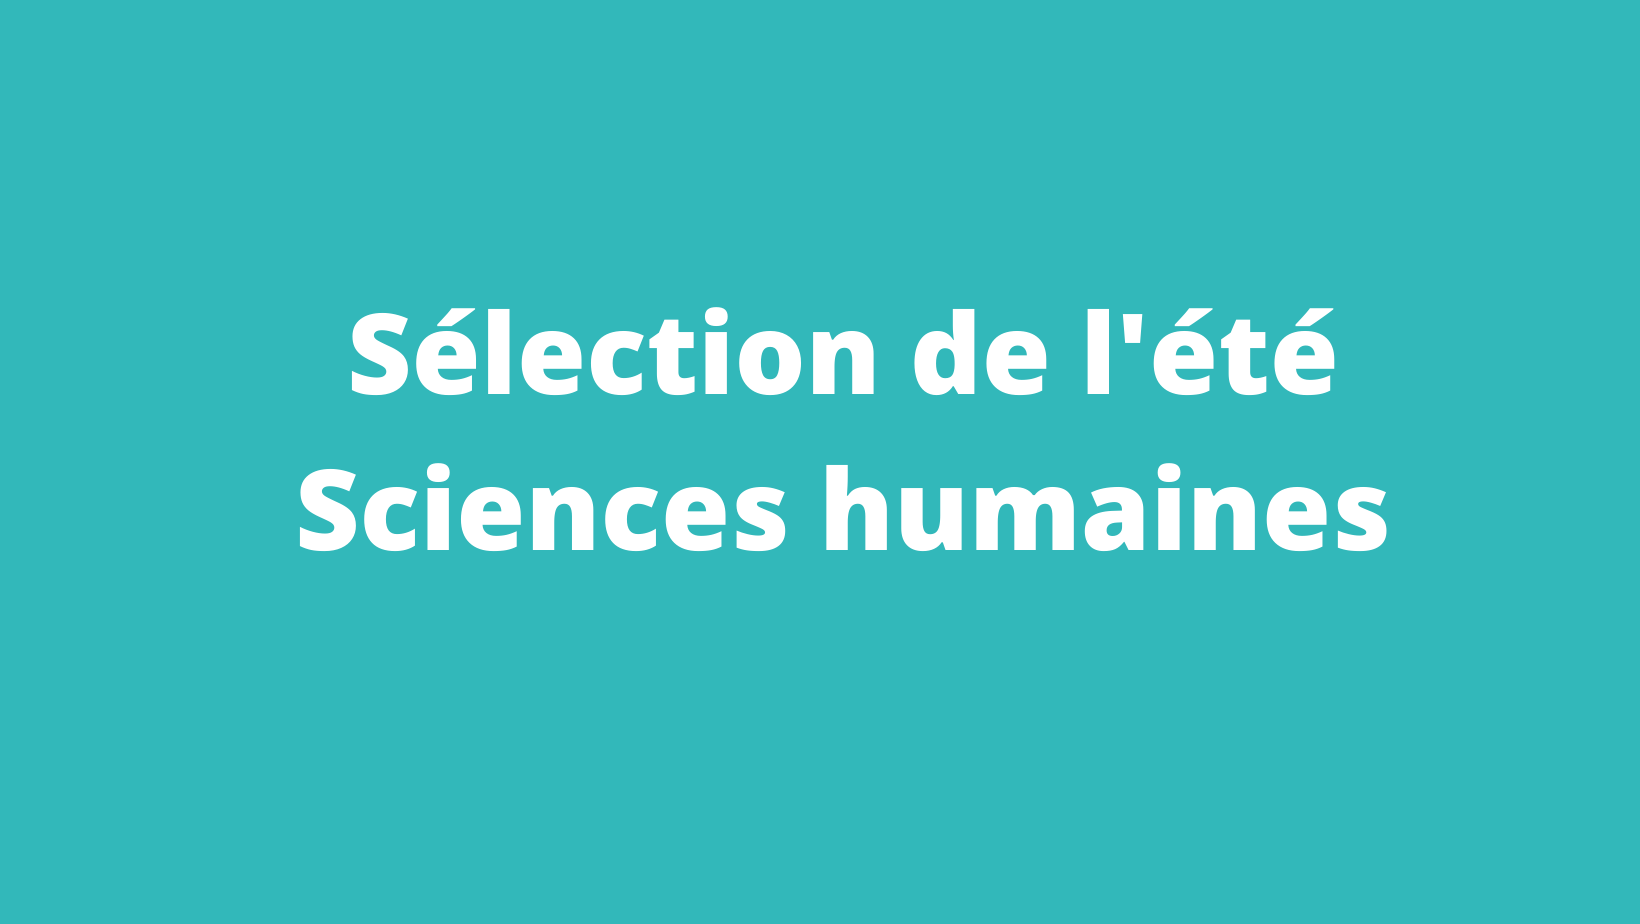 Sélection de l'été Sciences humaines